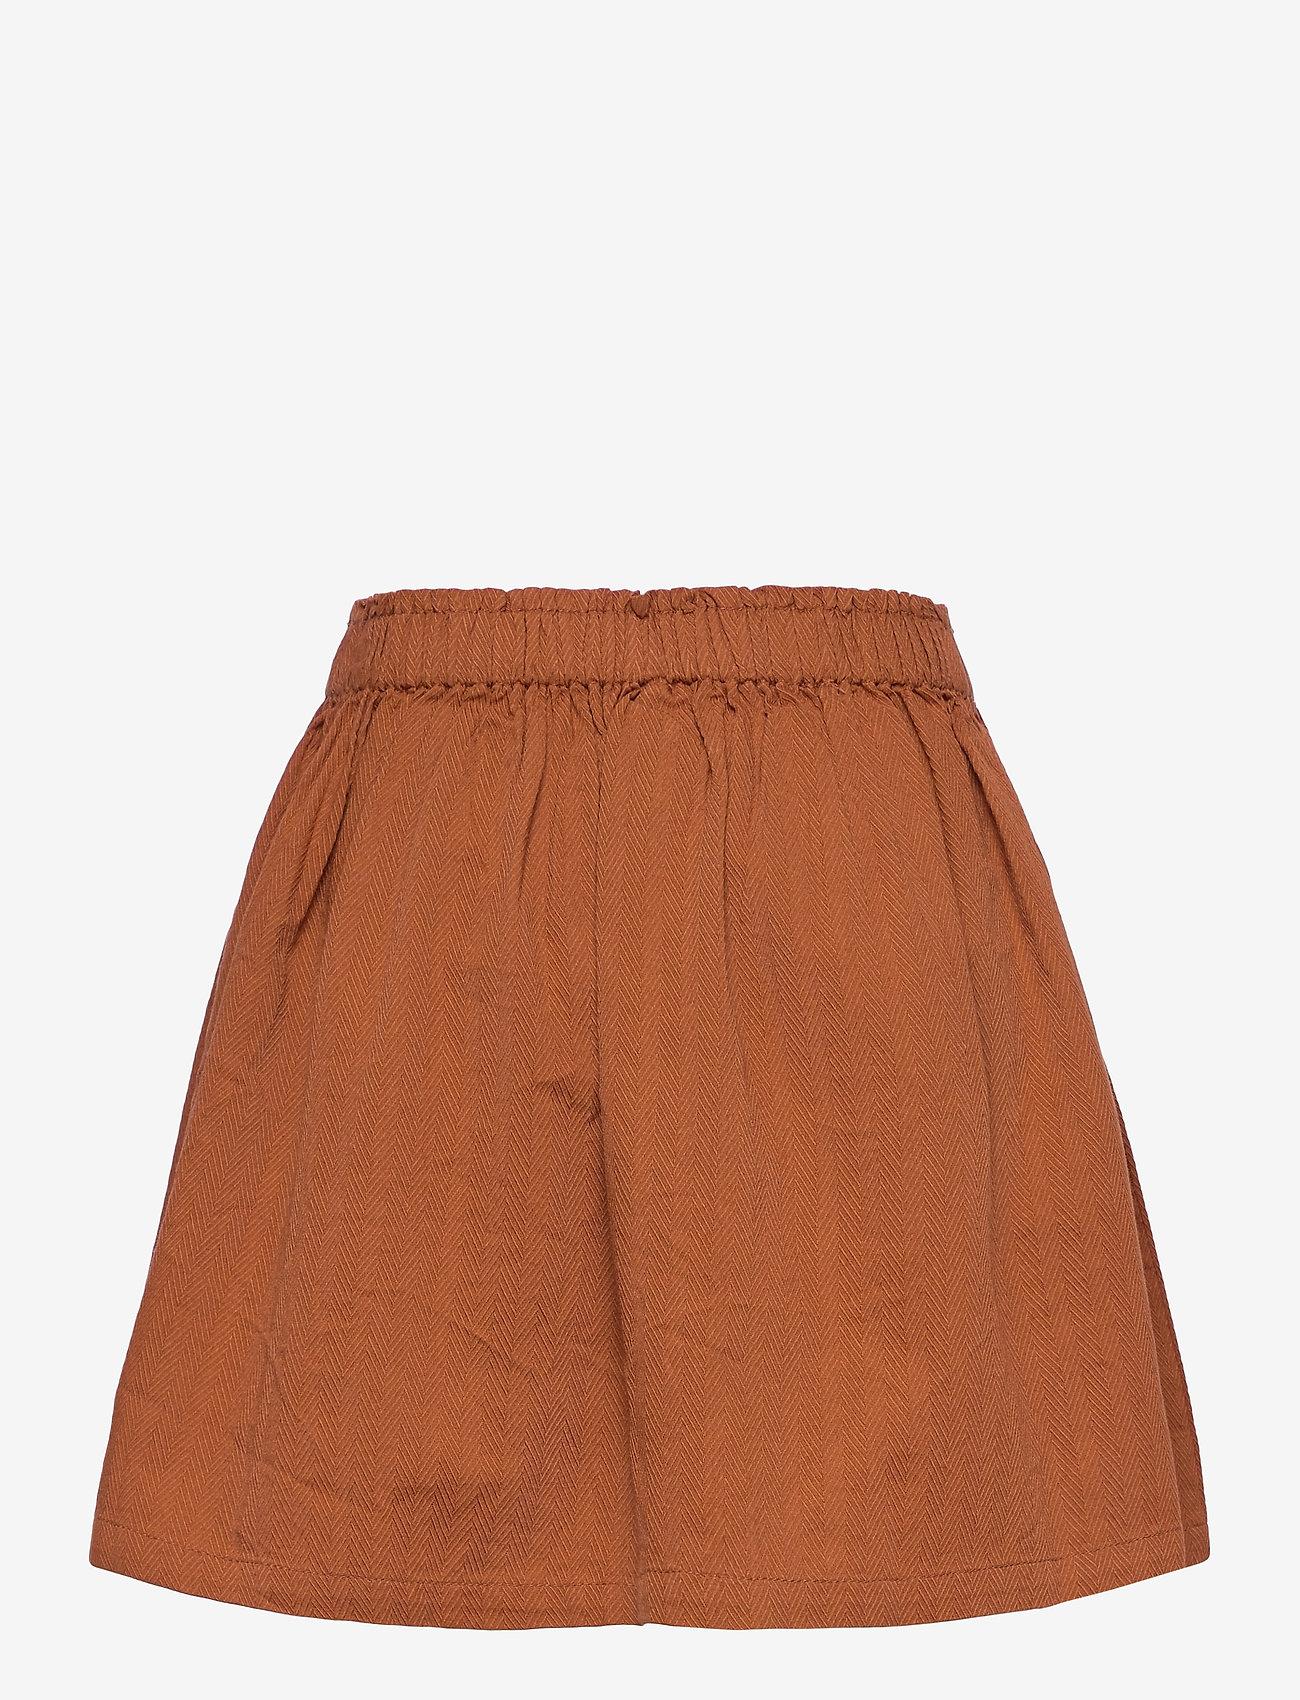 Müsli by Green Cotton - Woven skirt - röcke - ocher - 1